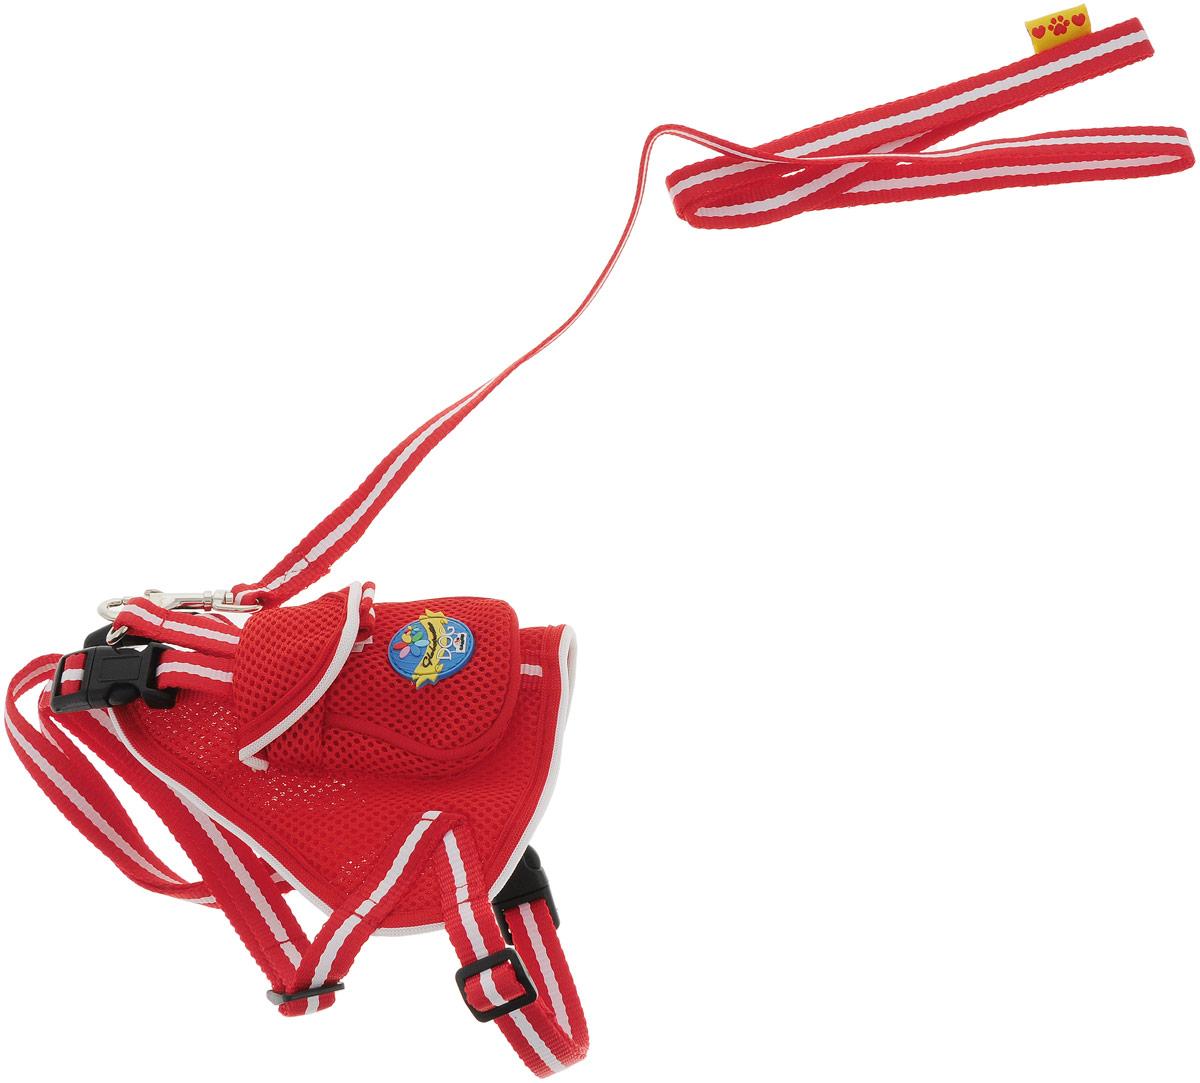 Шлейка для собак Camon, с поводком, цвет: красный, 50 см. Размер M шлейка для собак camon с поводком нейлоновая цвет фиолетовый 1 х 120 см dc064 a